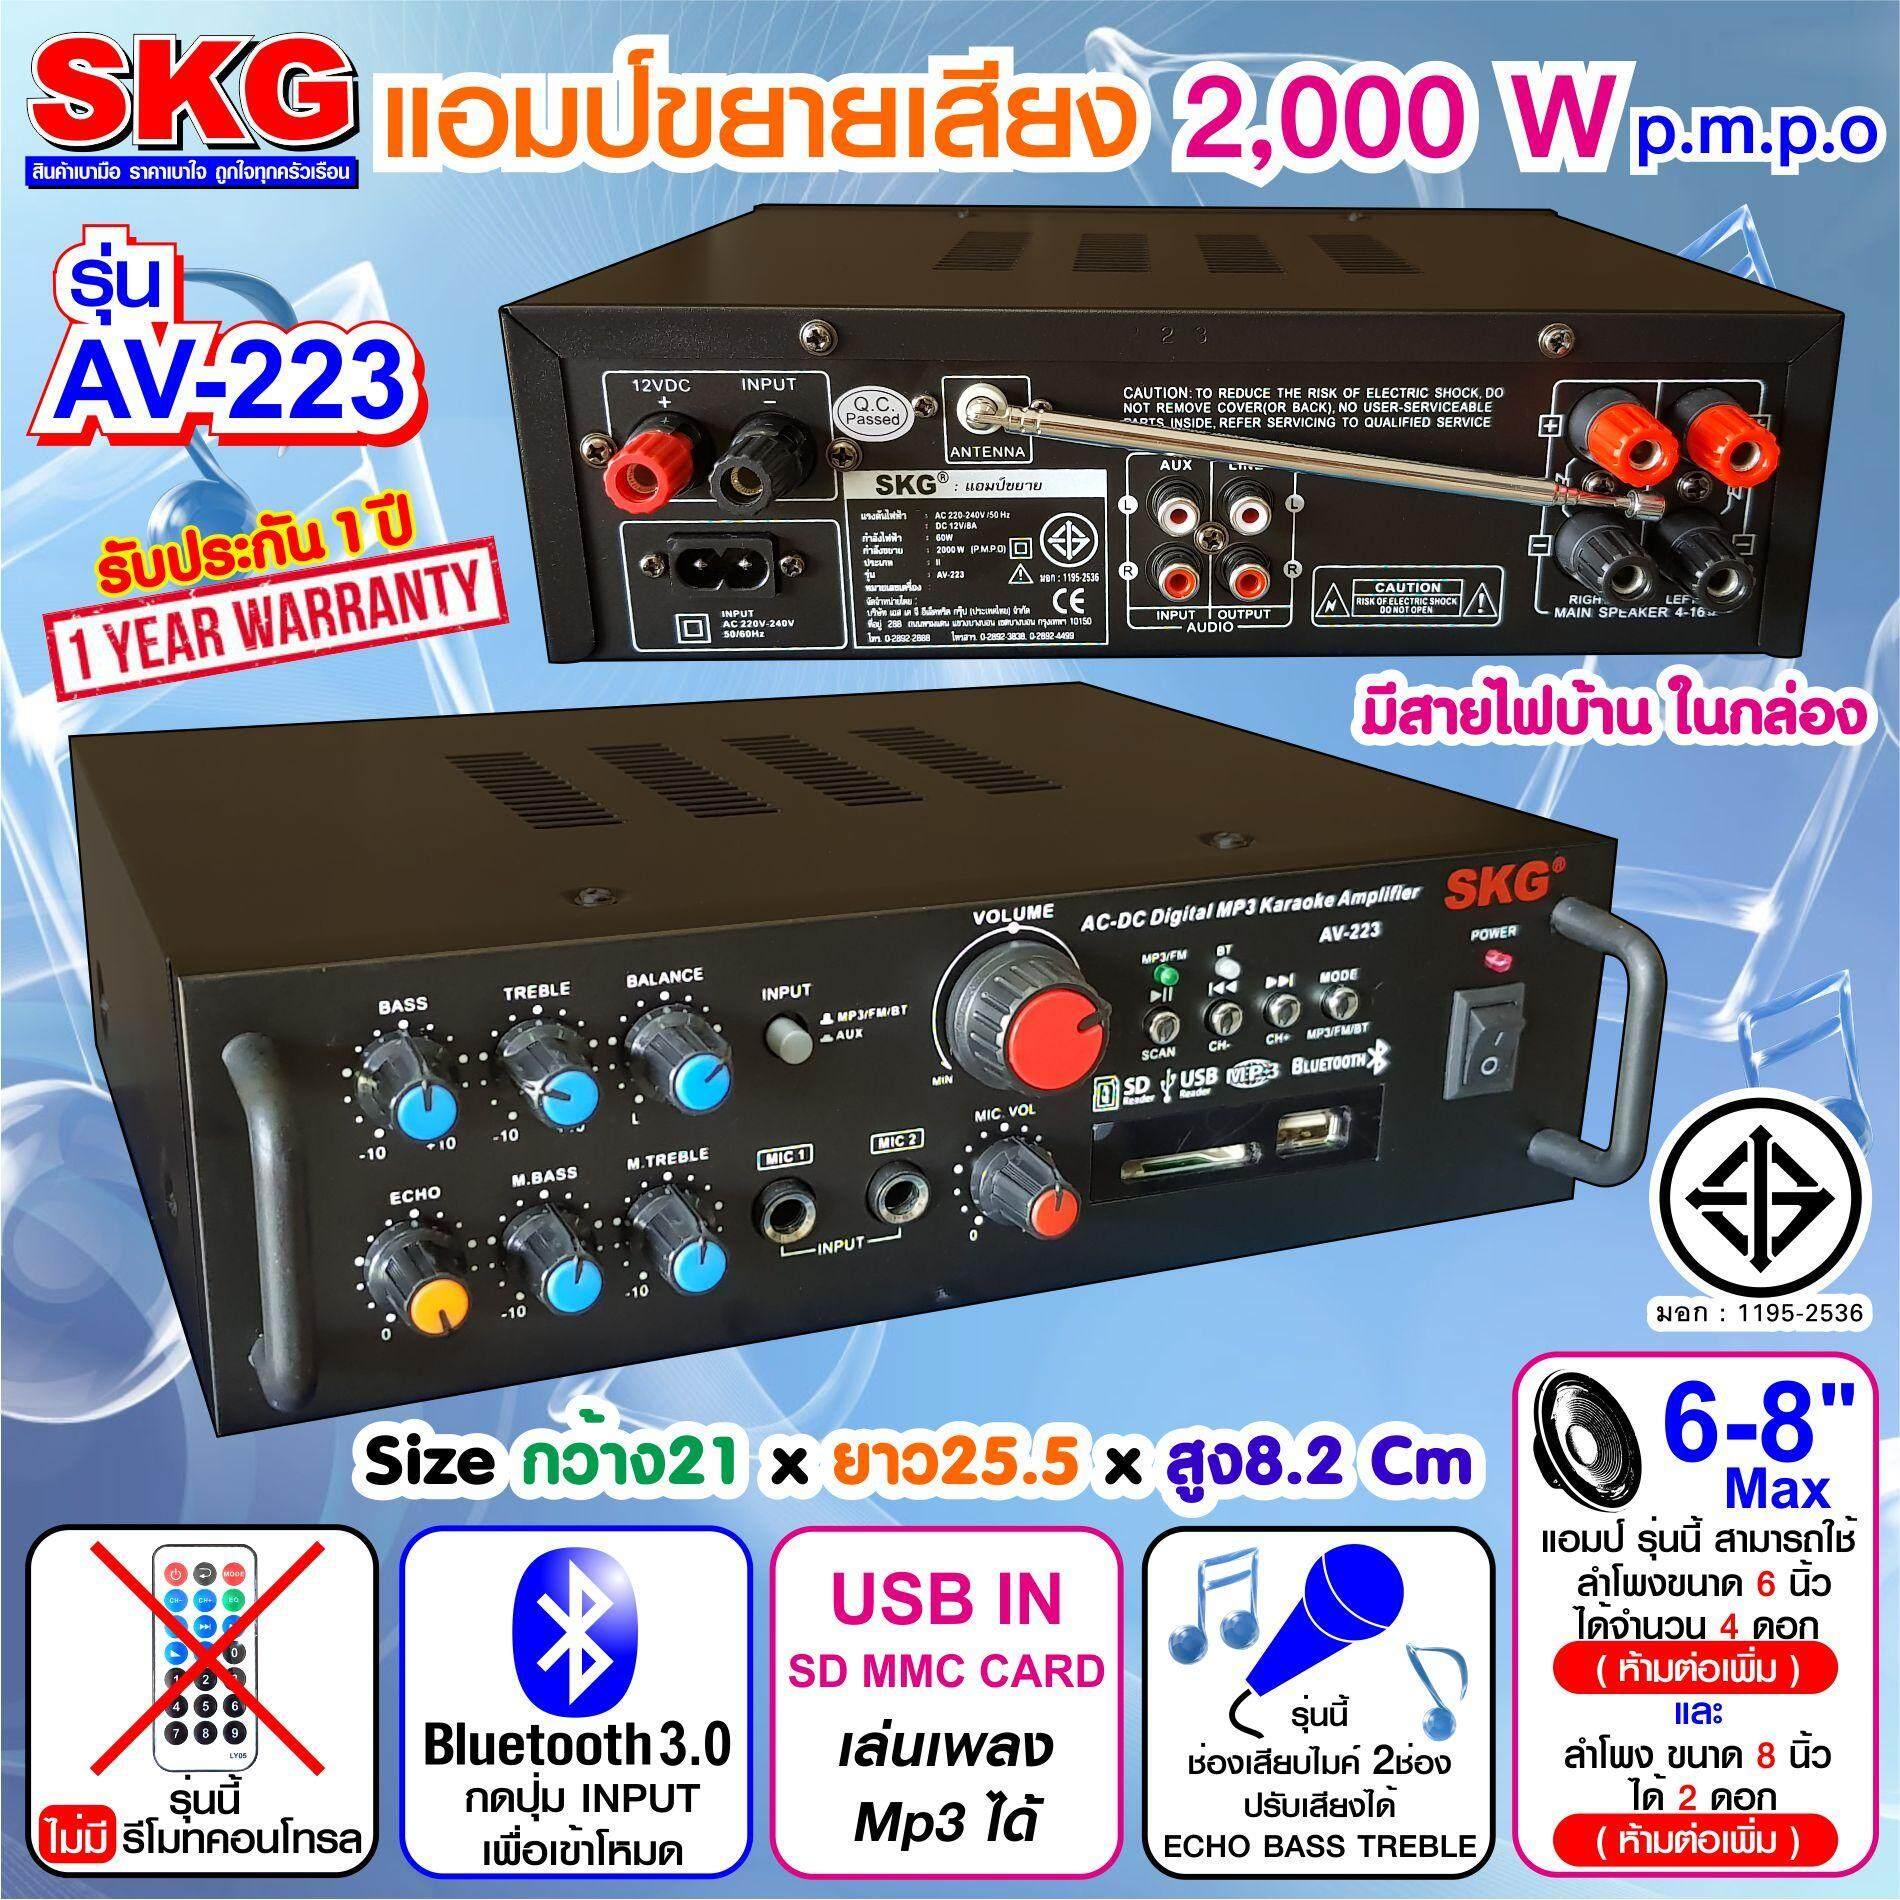 ขายดีมาก! SKG เครื่องแอมป์ขยายเสียง 2000 W รุ่น AV-223 (สีดำ)